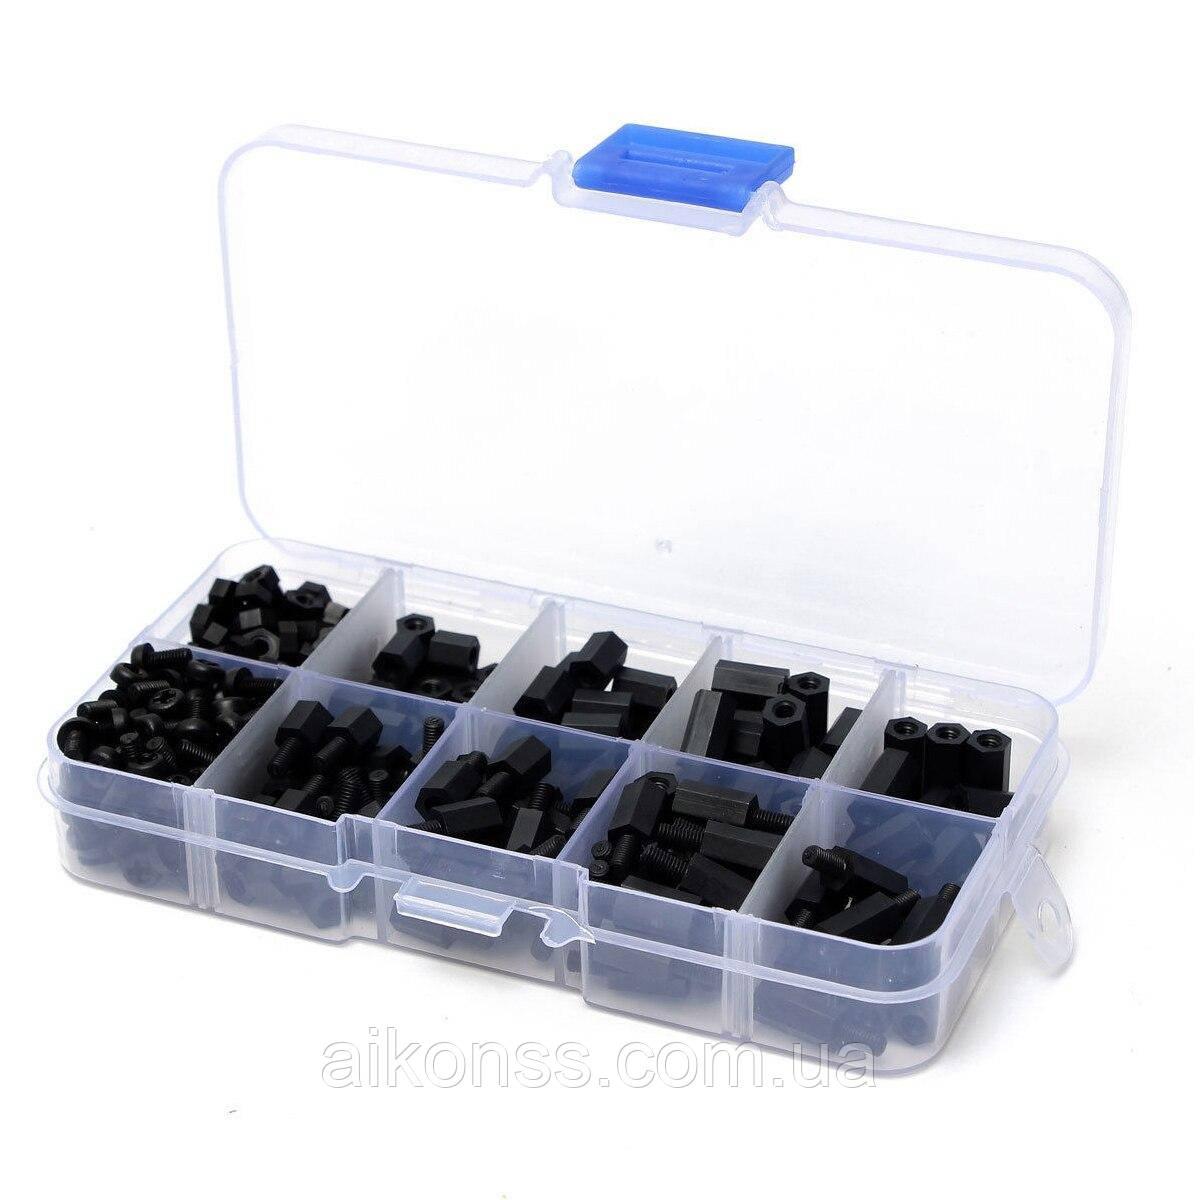 Нейлонові кріплення PCB 160 дрібниць (болтики і гвинтики) для плат в пластиковій коробці 13*6.7*2.2 см